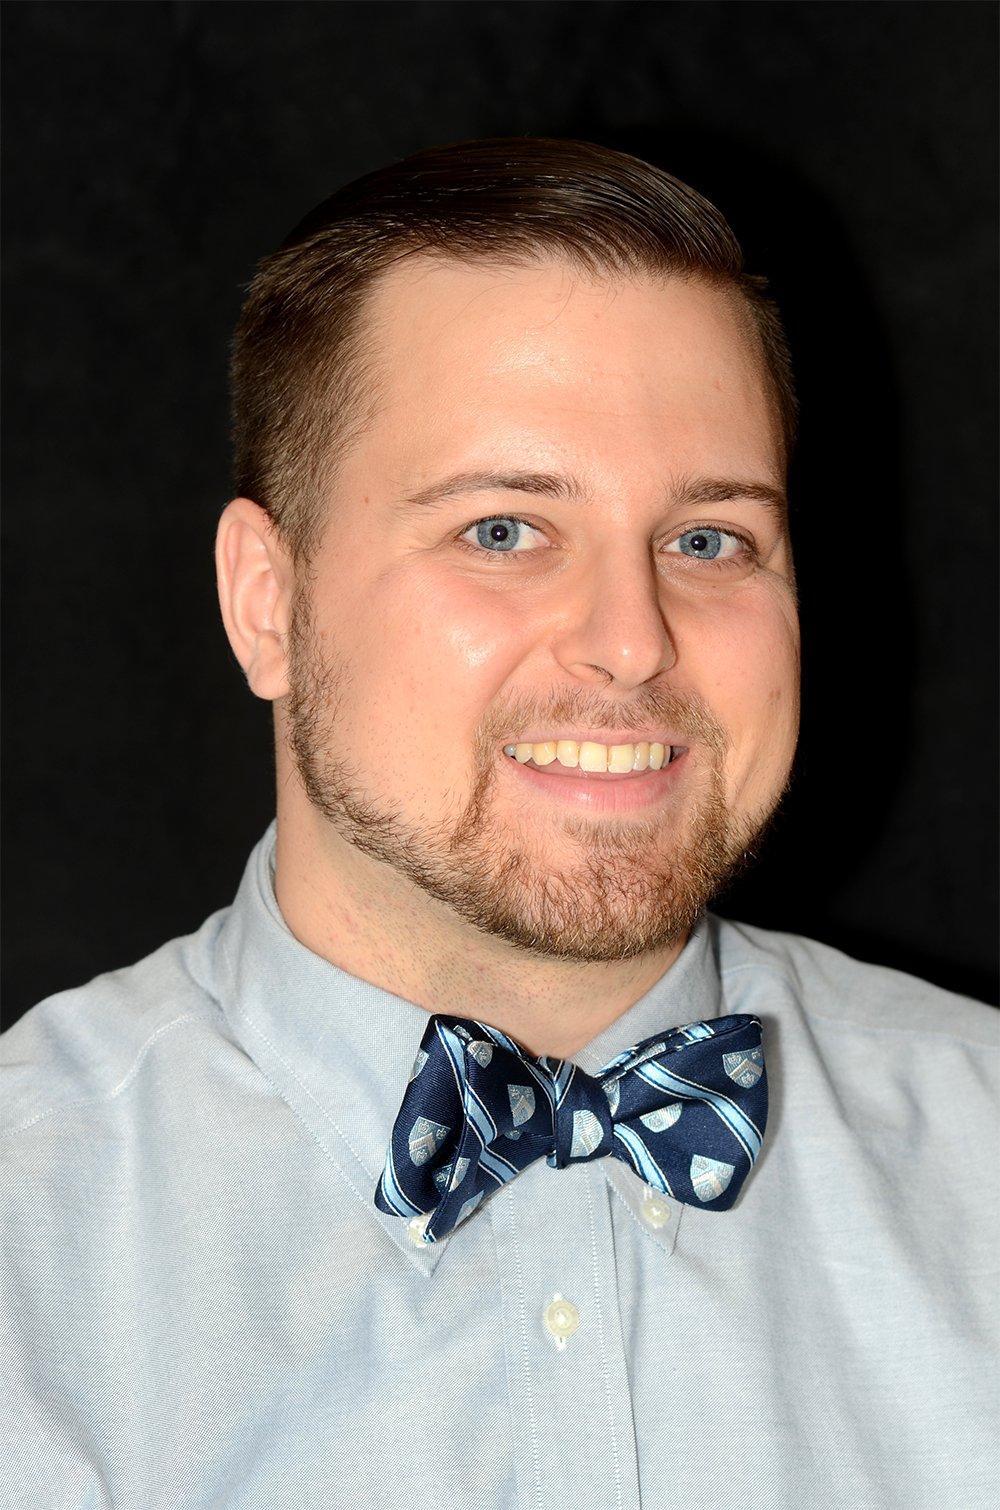 Dr. Michael E. Fazzone, DDS